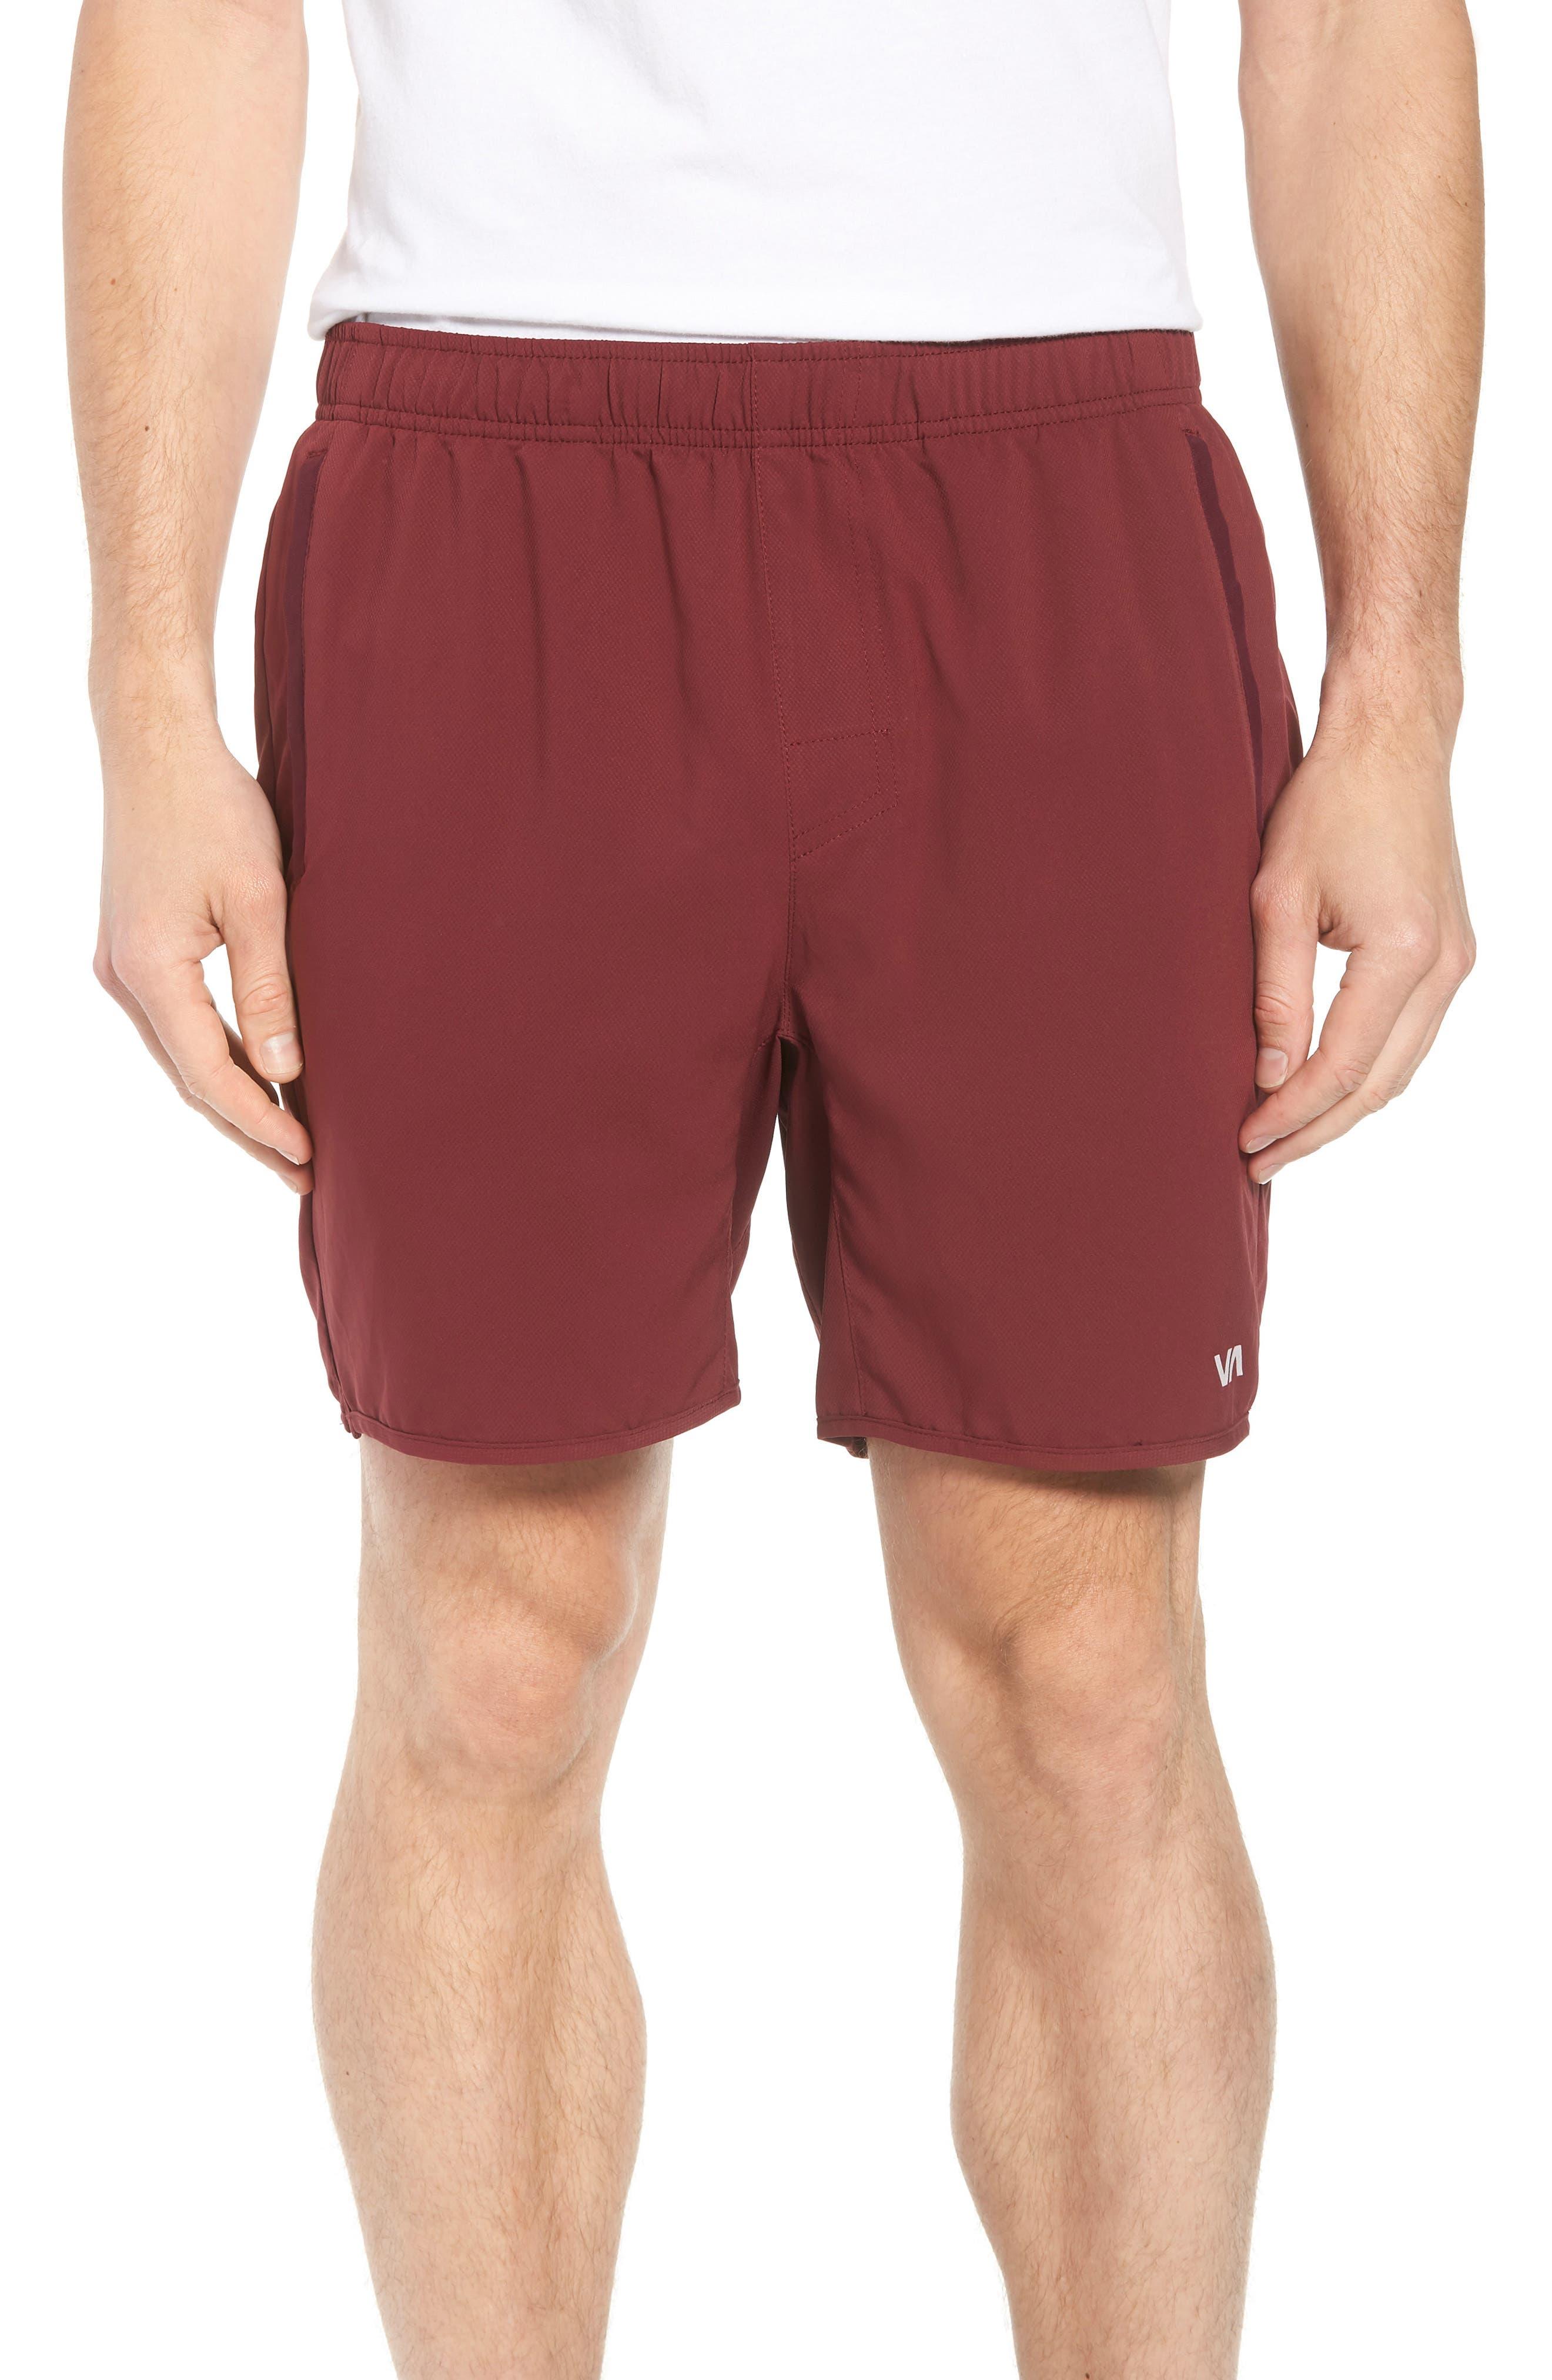 Yogger III Athletic Shorts,                             Main thumbnail 1, color,                             Tawny Port